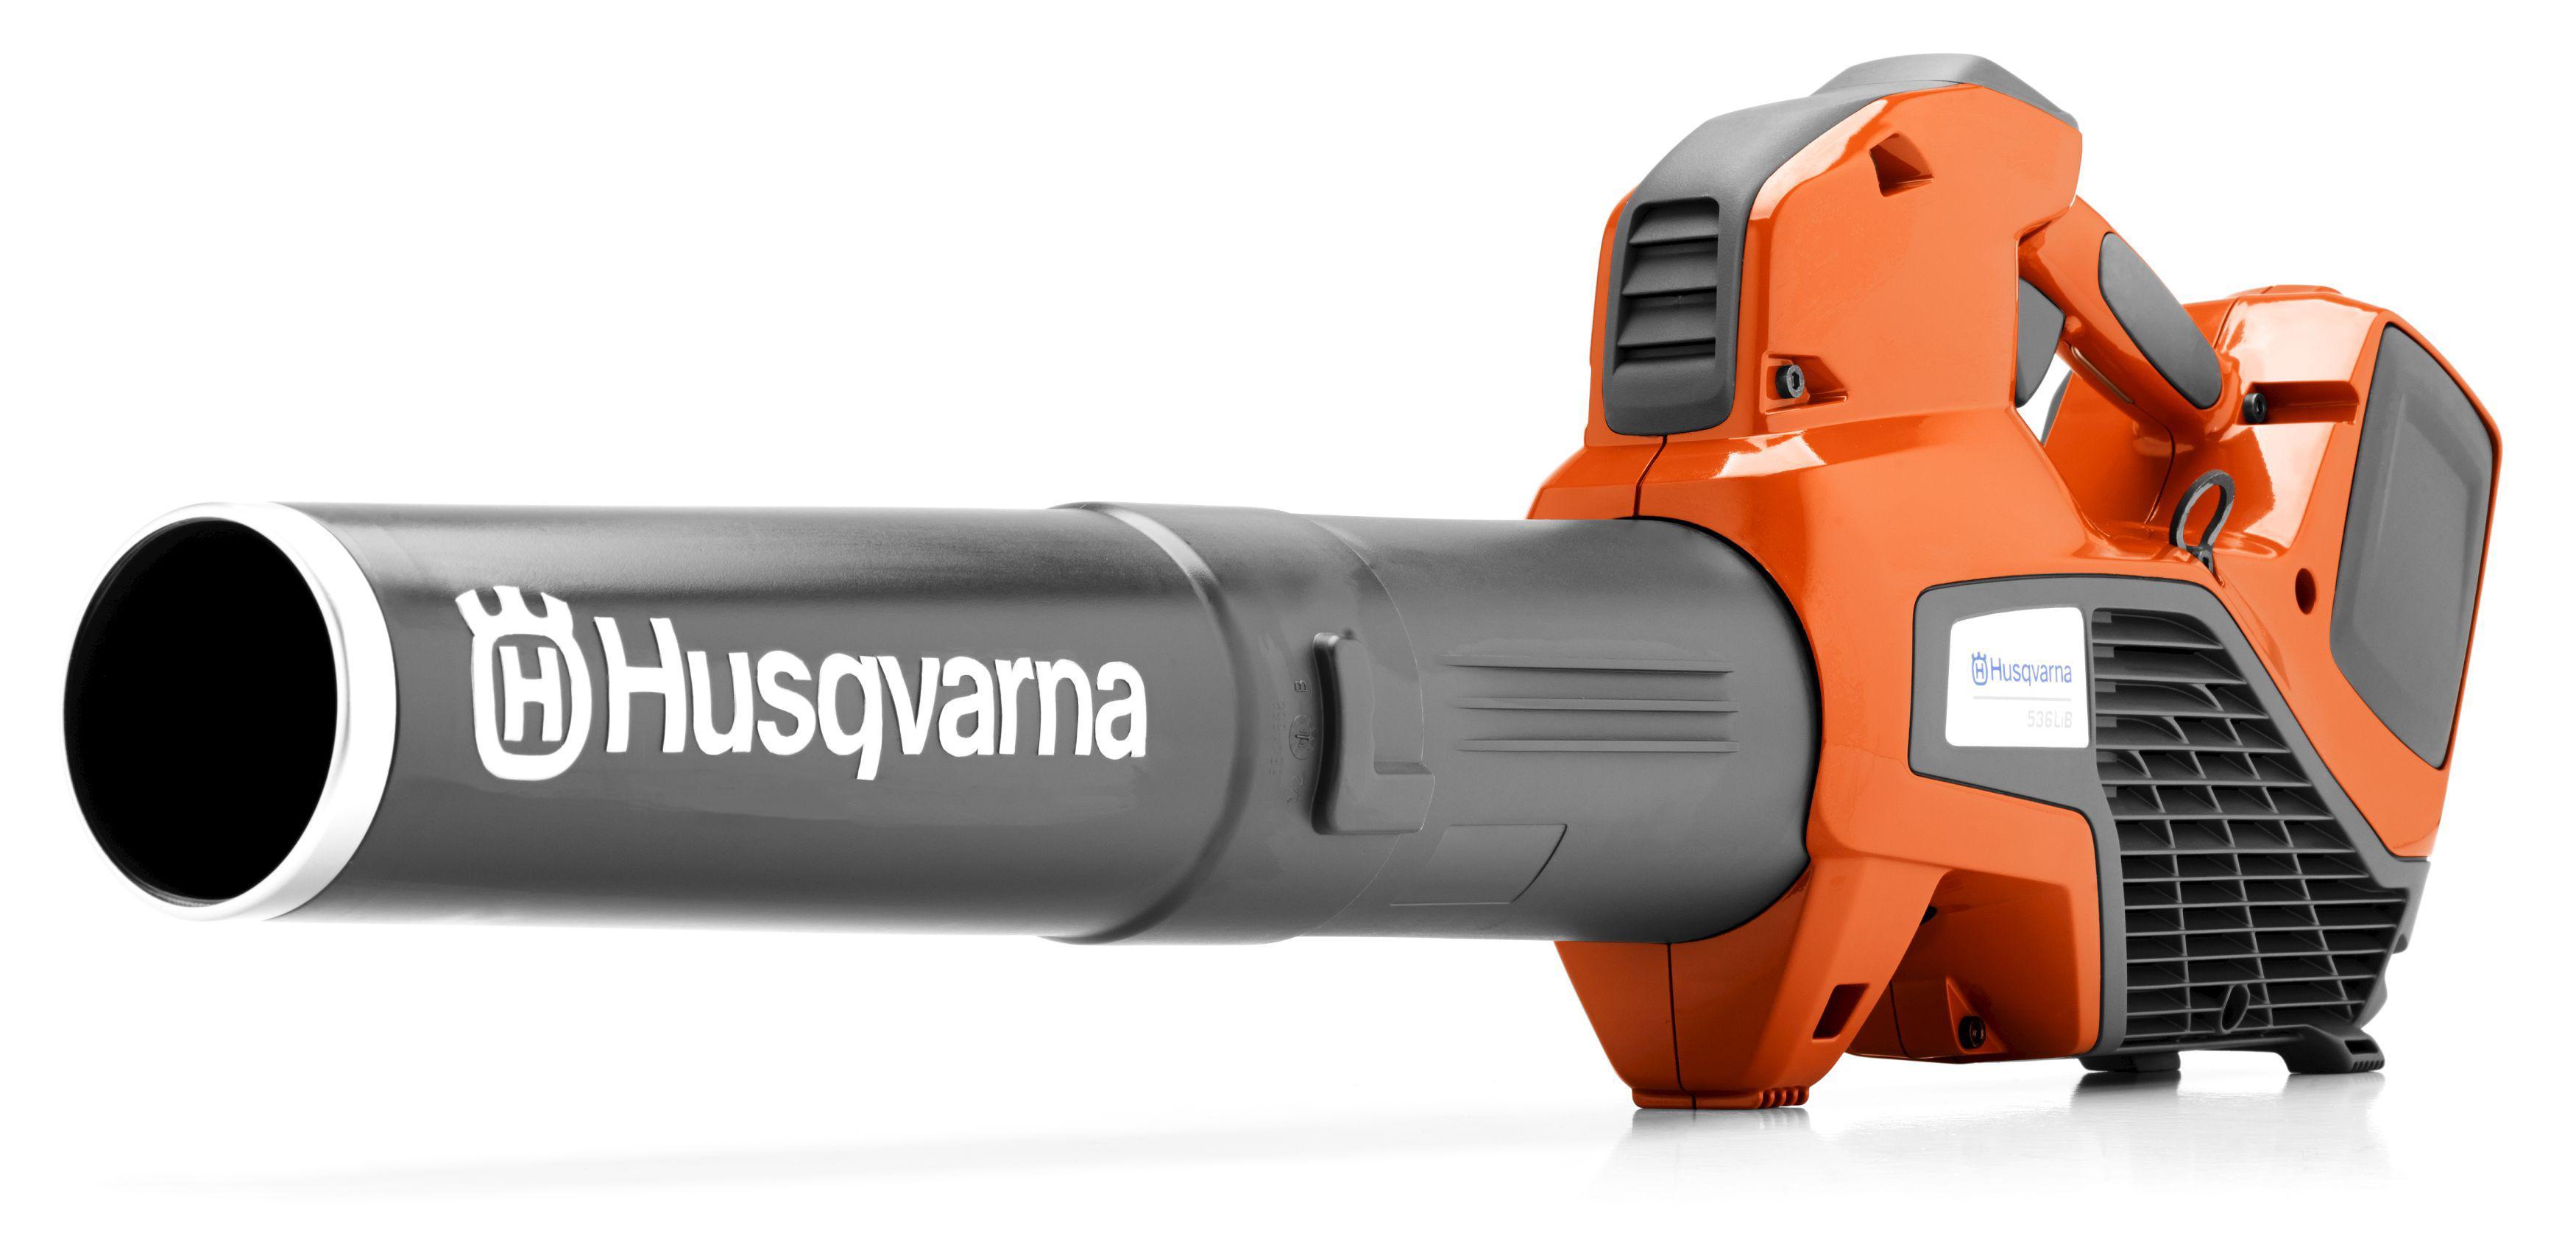 Воздуходувка Husqvarna 536lib (9672525-02) воздуходувка husqvarna 536 lib 9672525 02